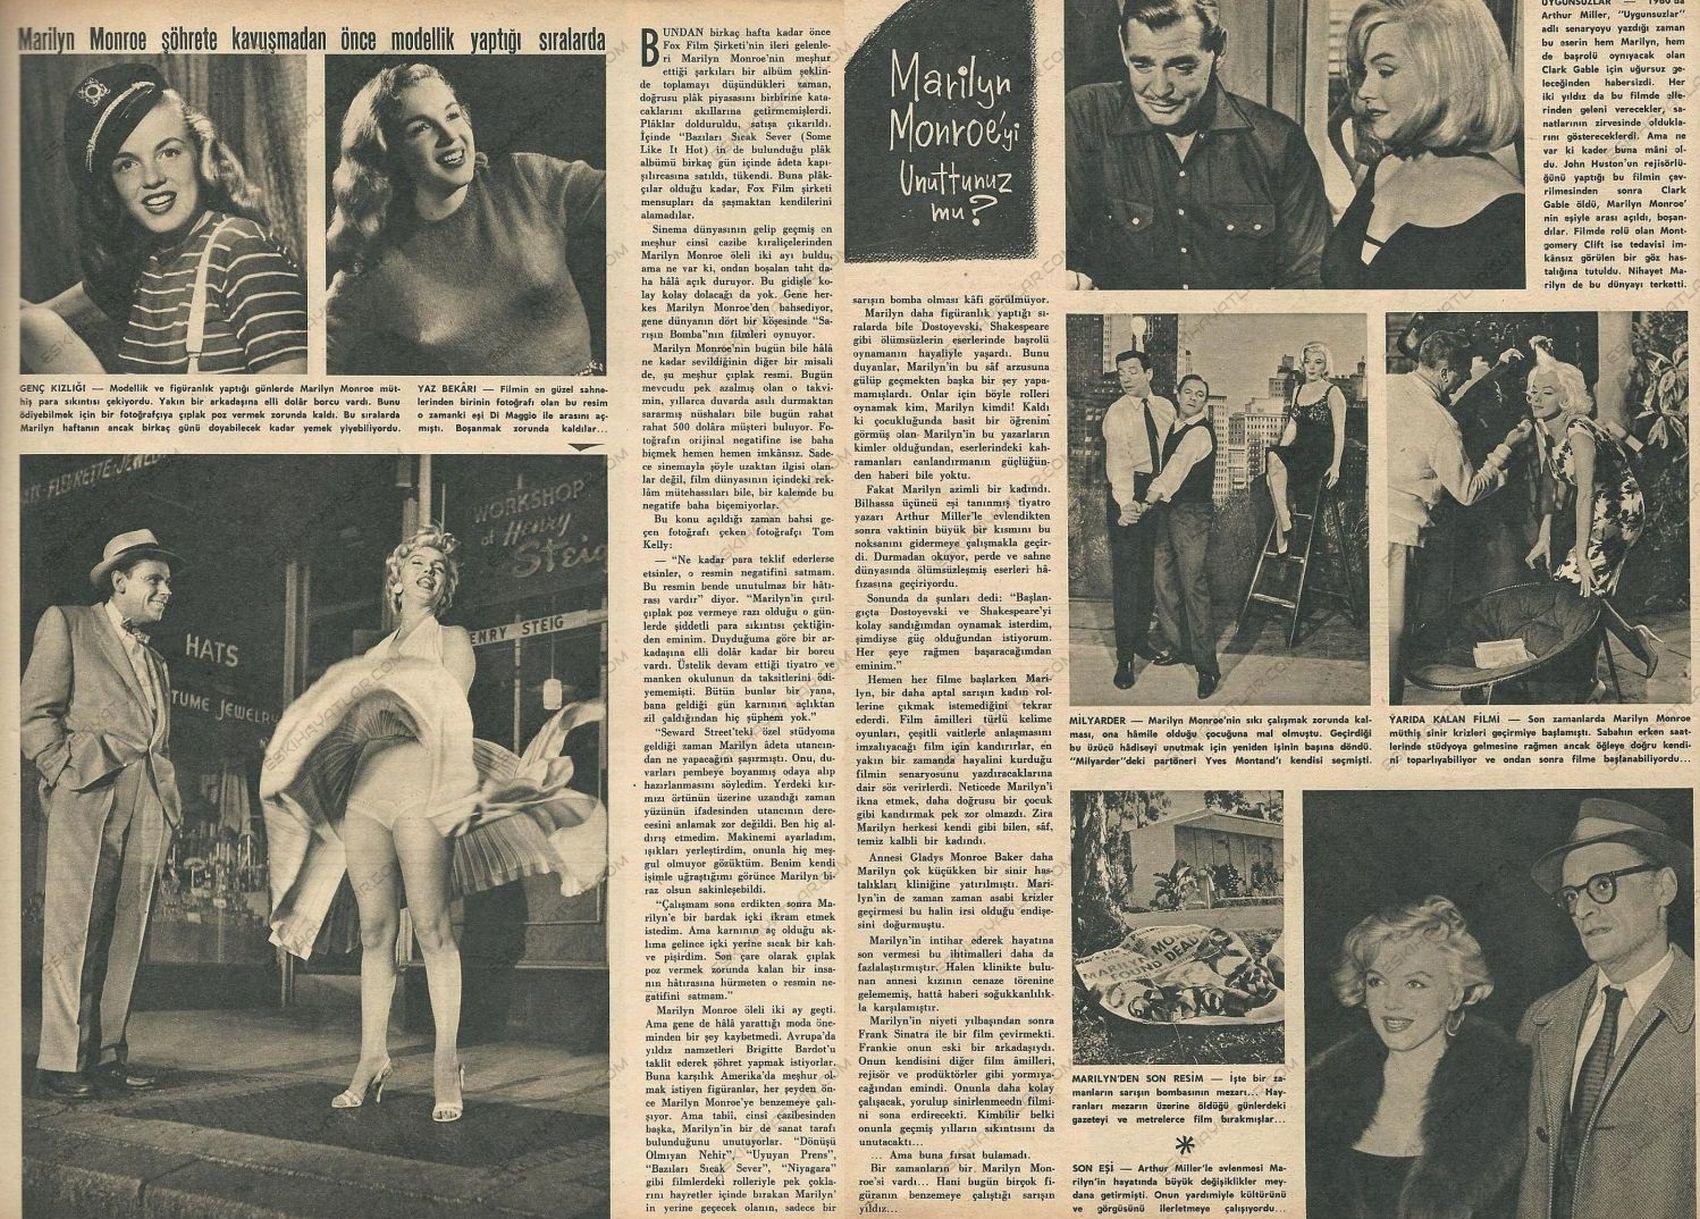 0404-marilyn-monroe-ne-zaman-oldu-1962-ses-dergisi (6)